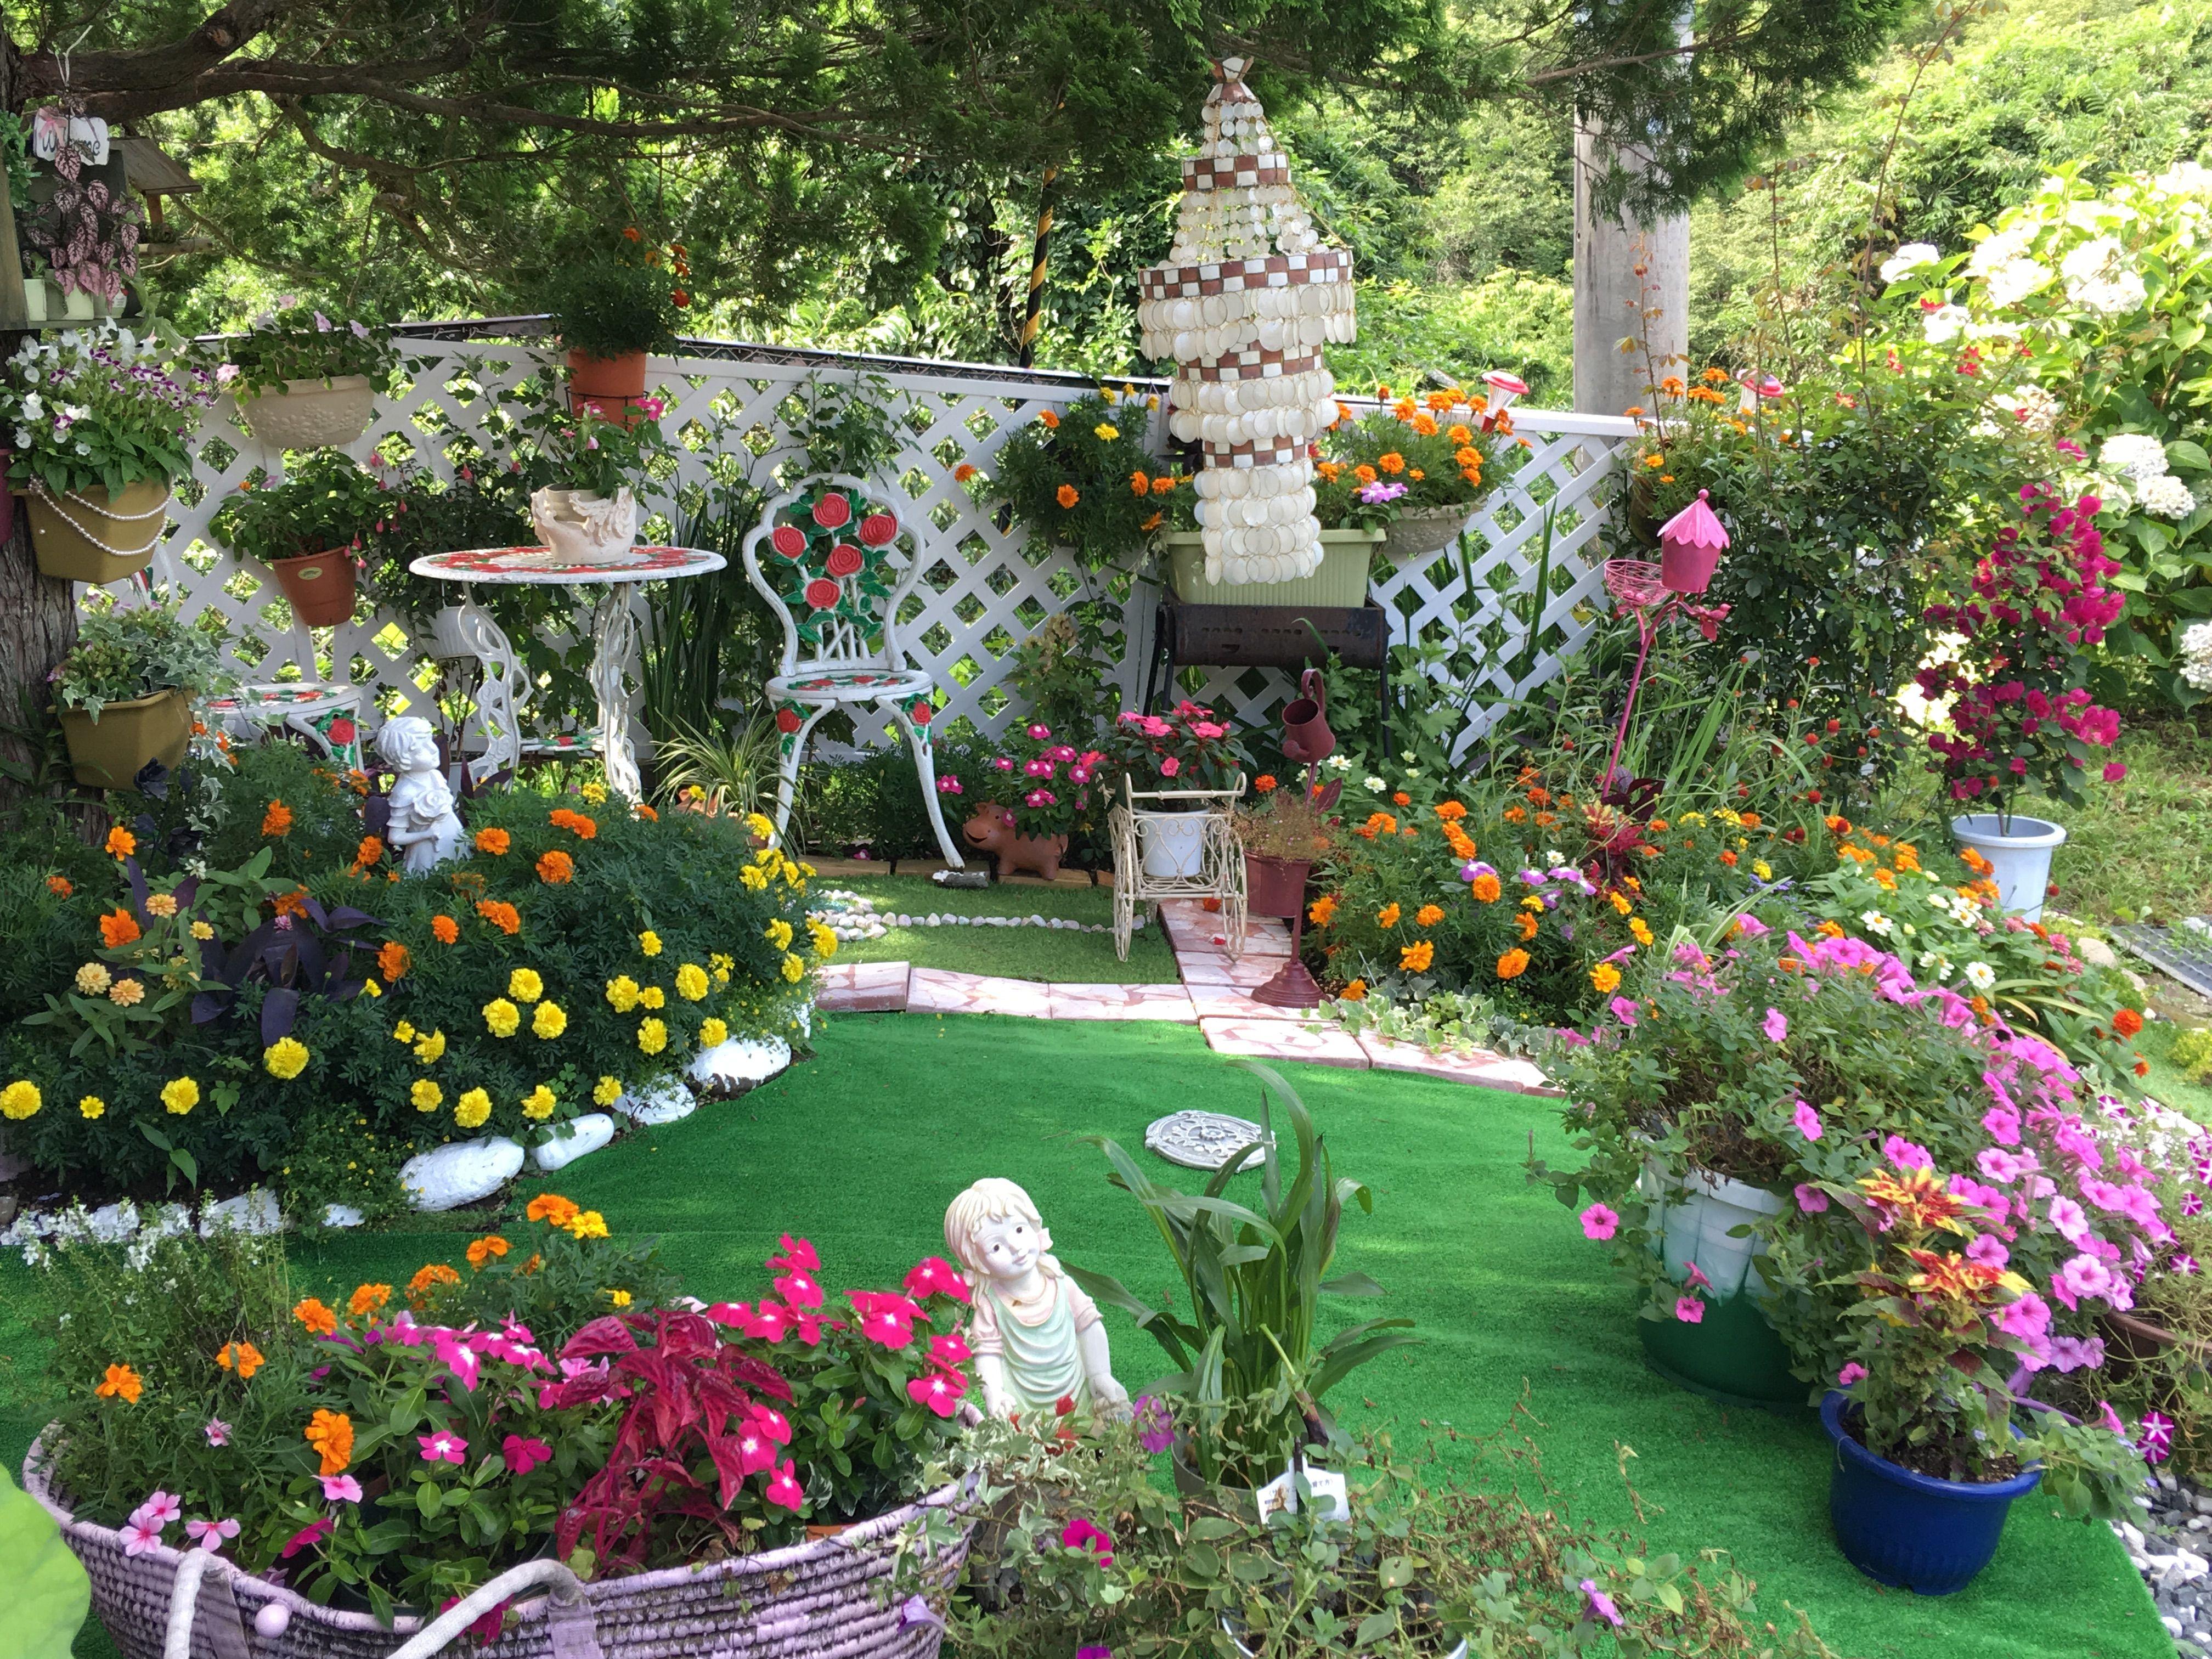 Pin by Arzu on Pinterest Gardens Garden